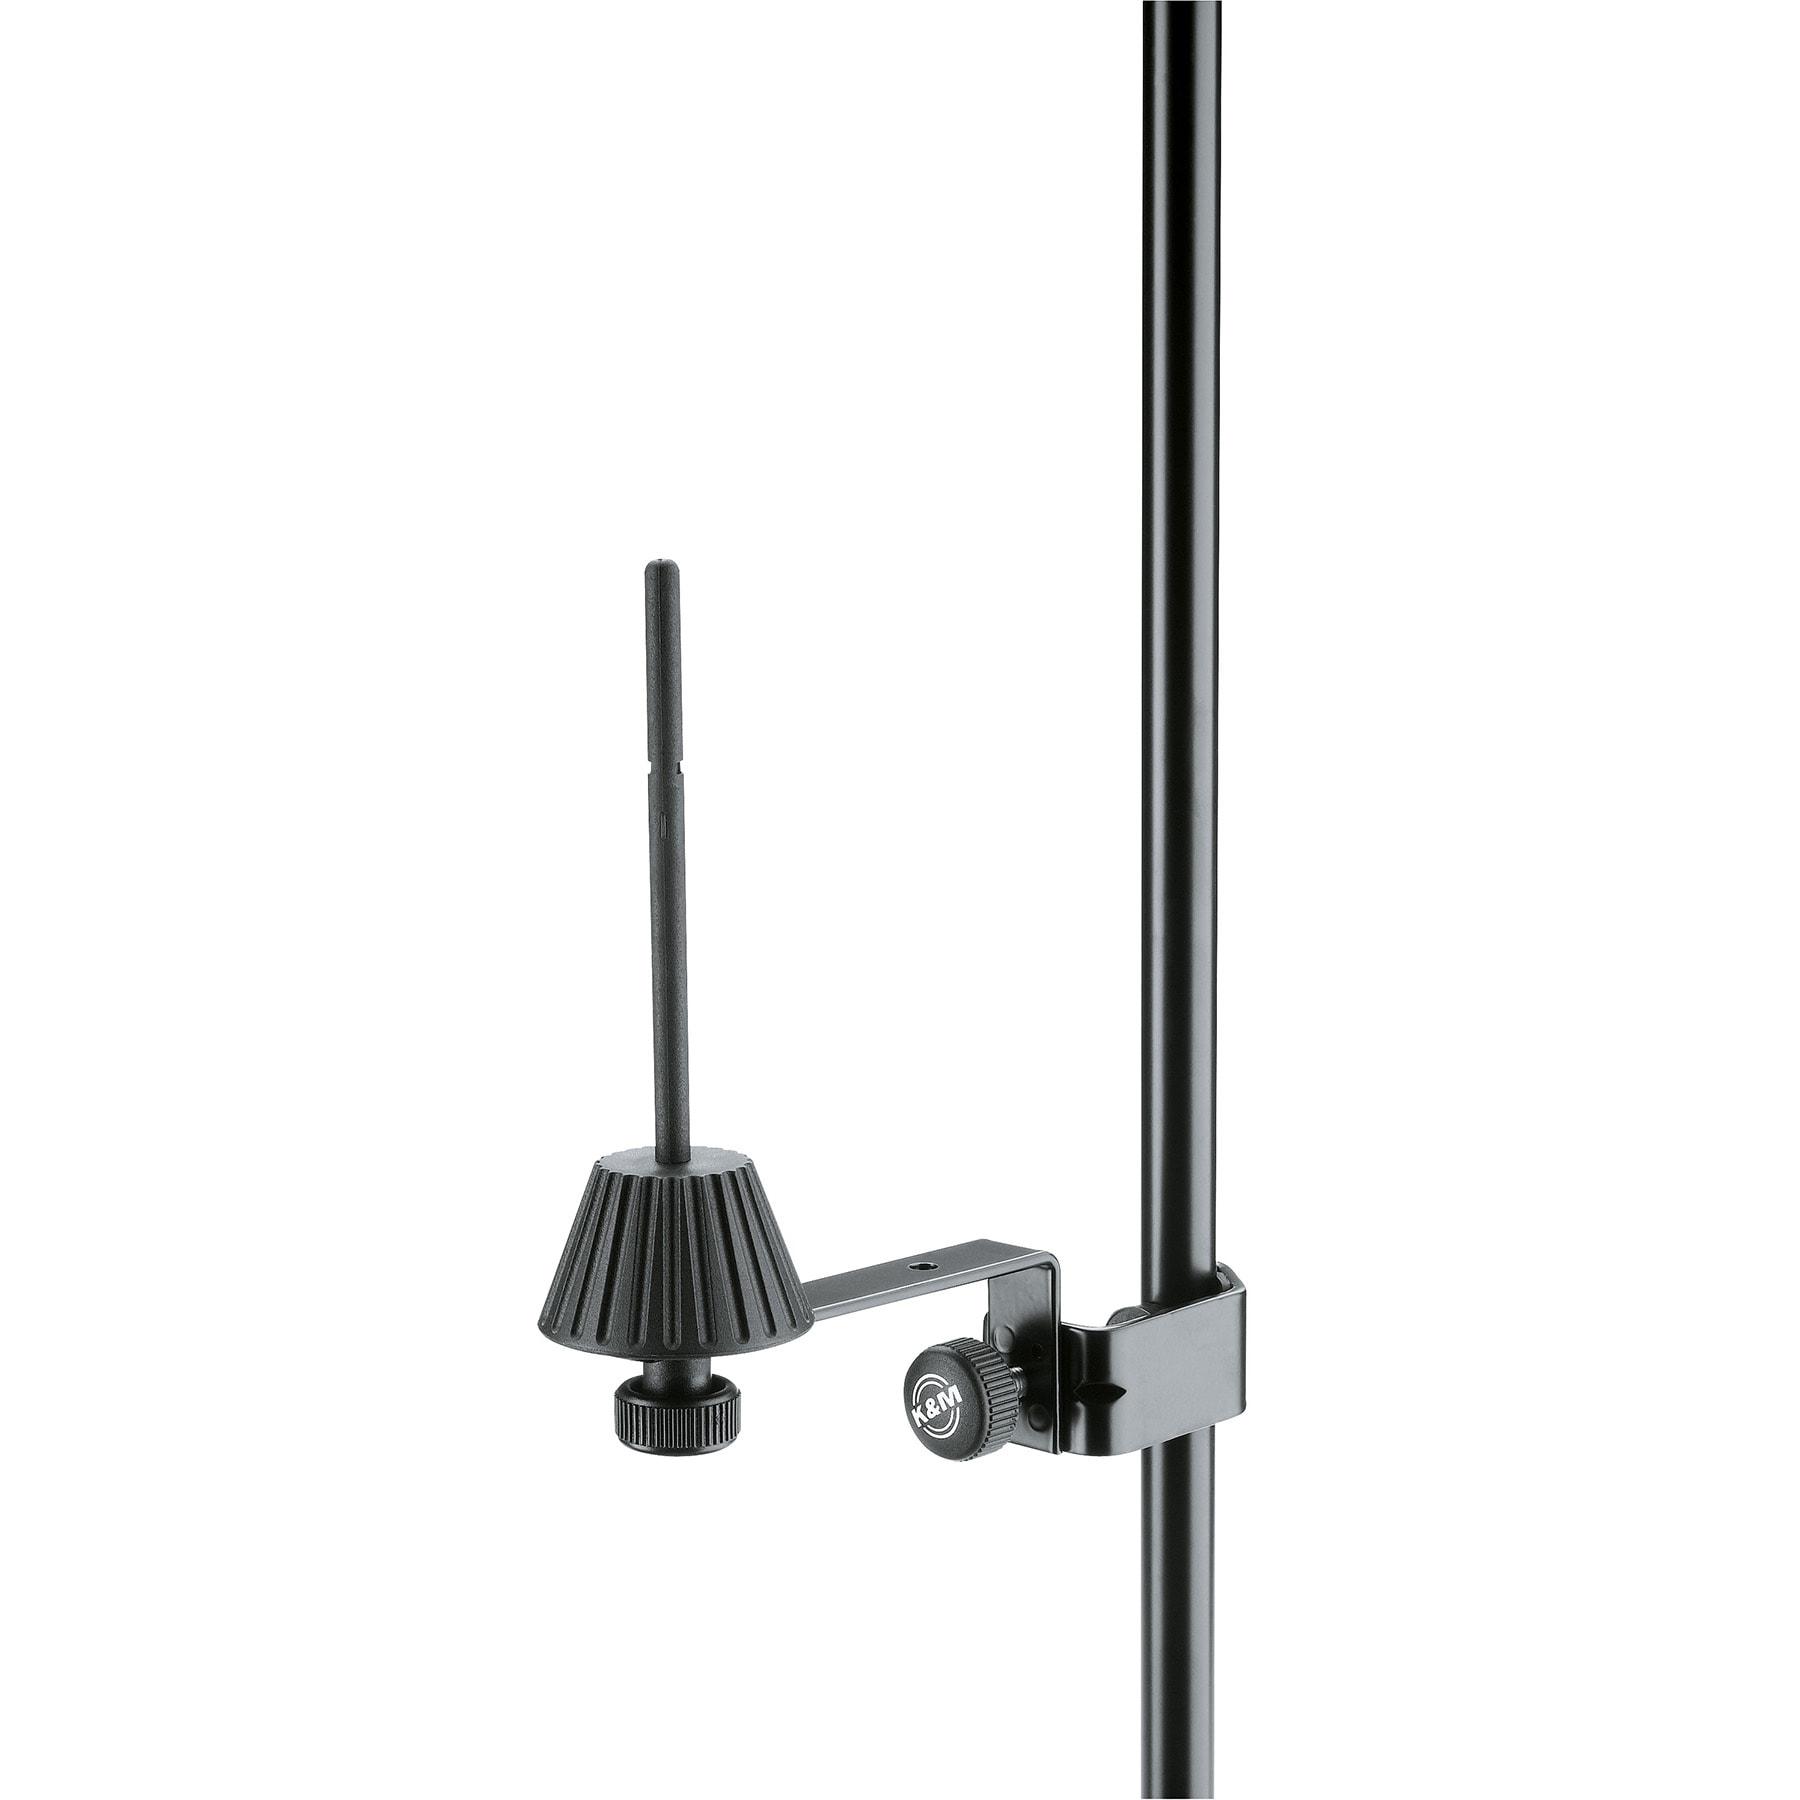 KM15265 - Flute holder